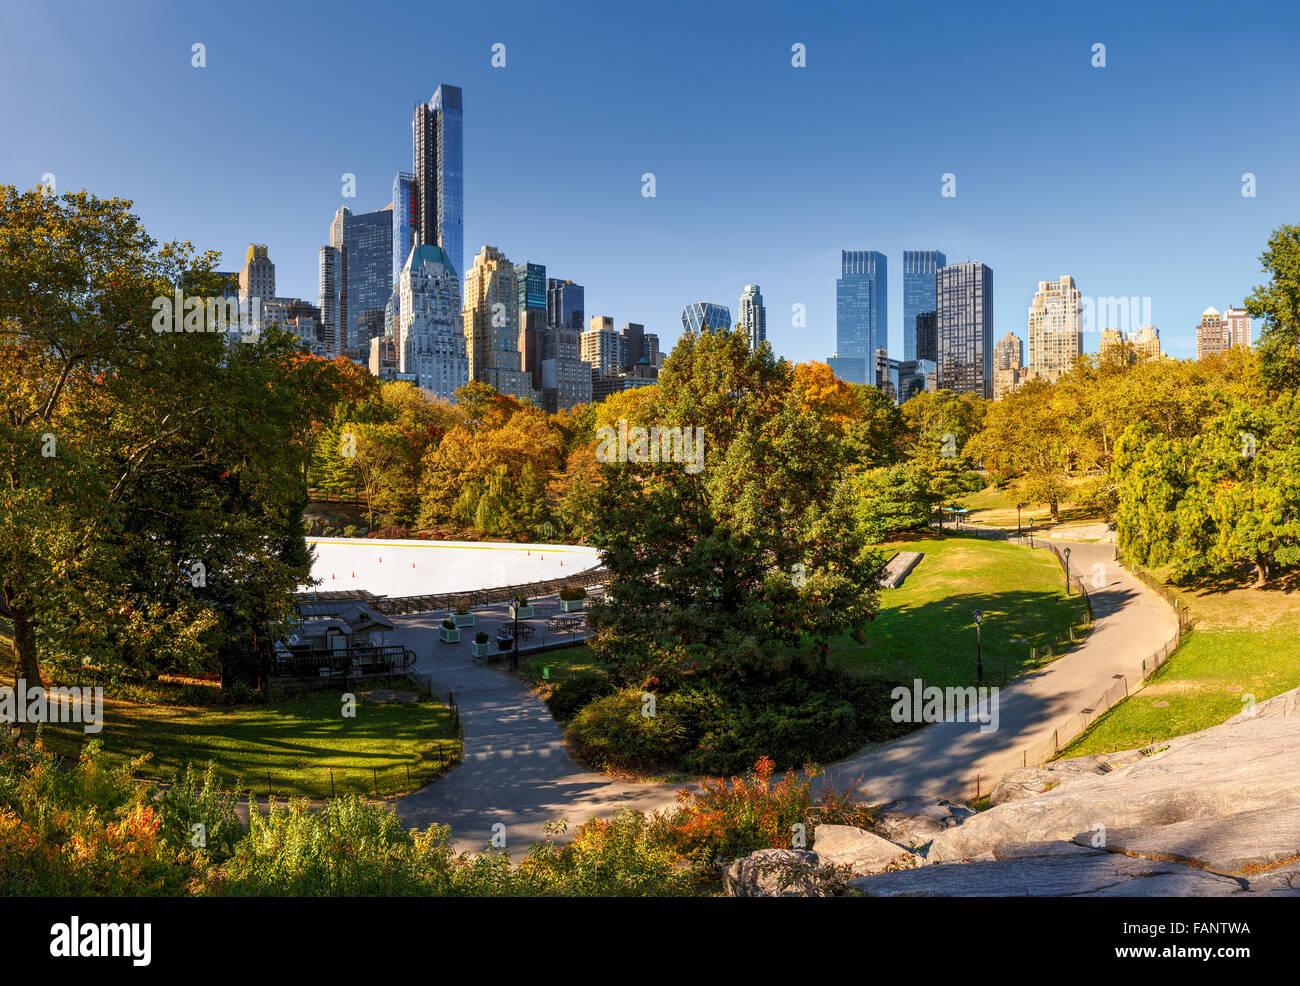 Autunno a Central Park: Wollman Rink e grattacieli di Manhattan. Paesaggio urbano vista autunnale di Central Park Immagini Stock